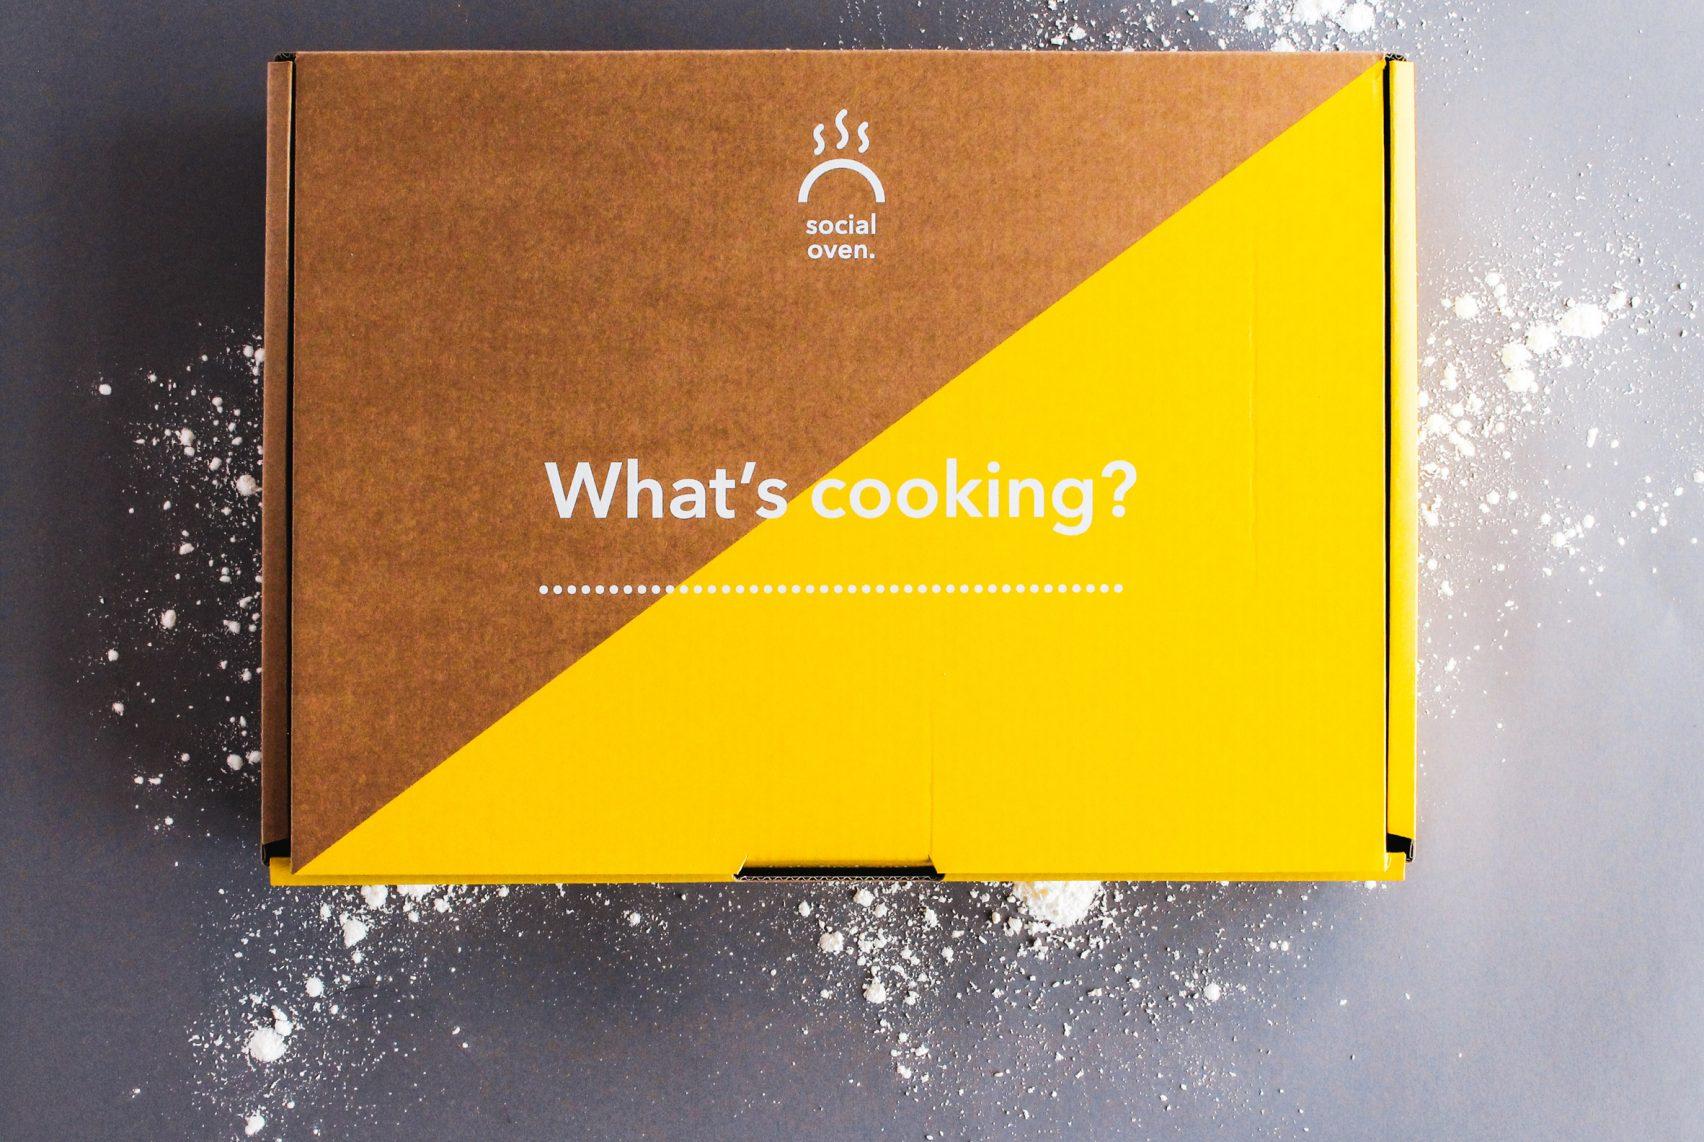 social over magda sabatowska cooking design elderly dezeen 2364 col 4 1704x1142 - Un kit cuisine pour éviter l'isolement des personnes âgés